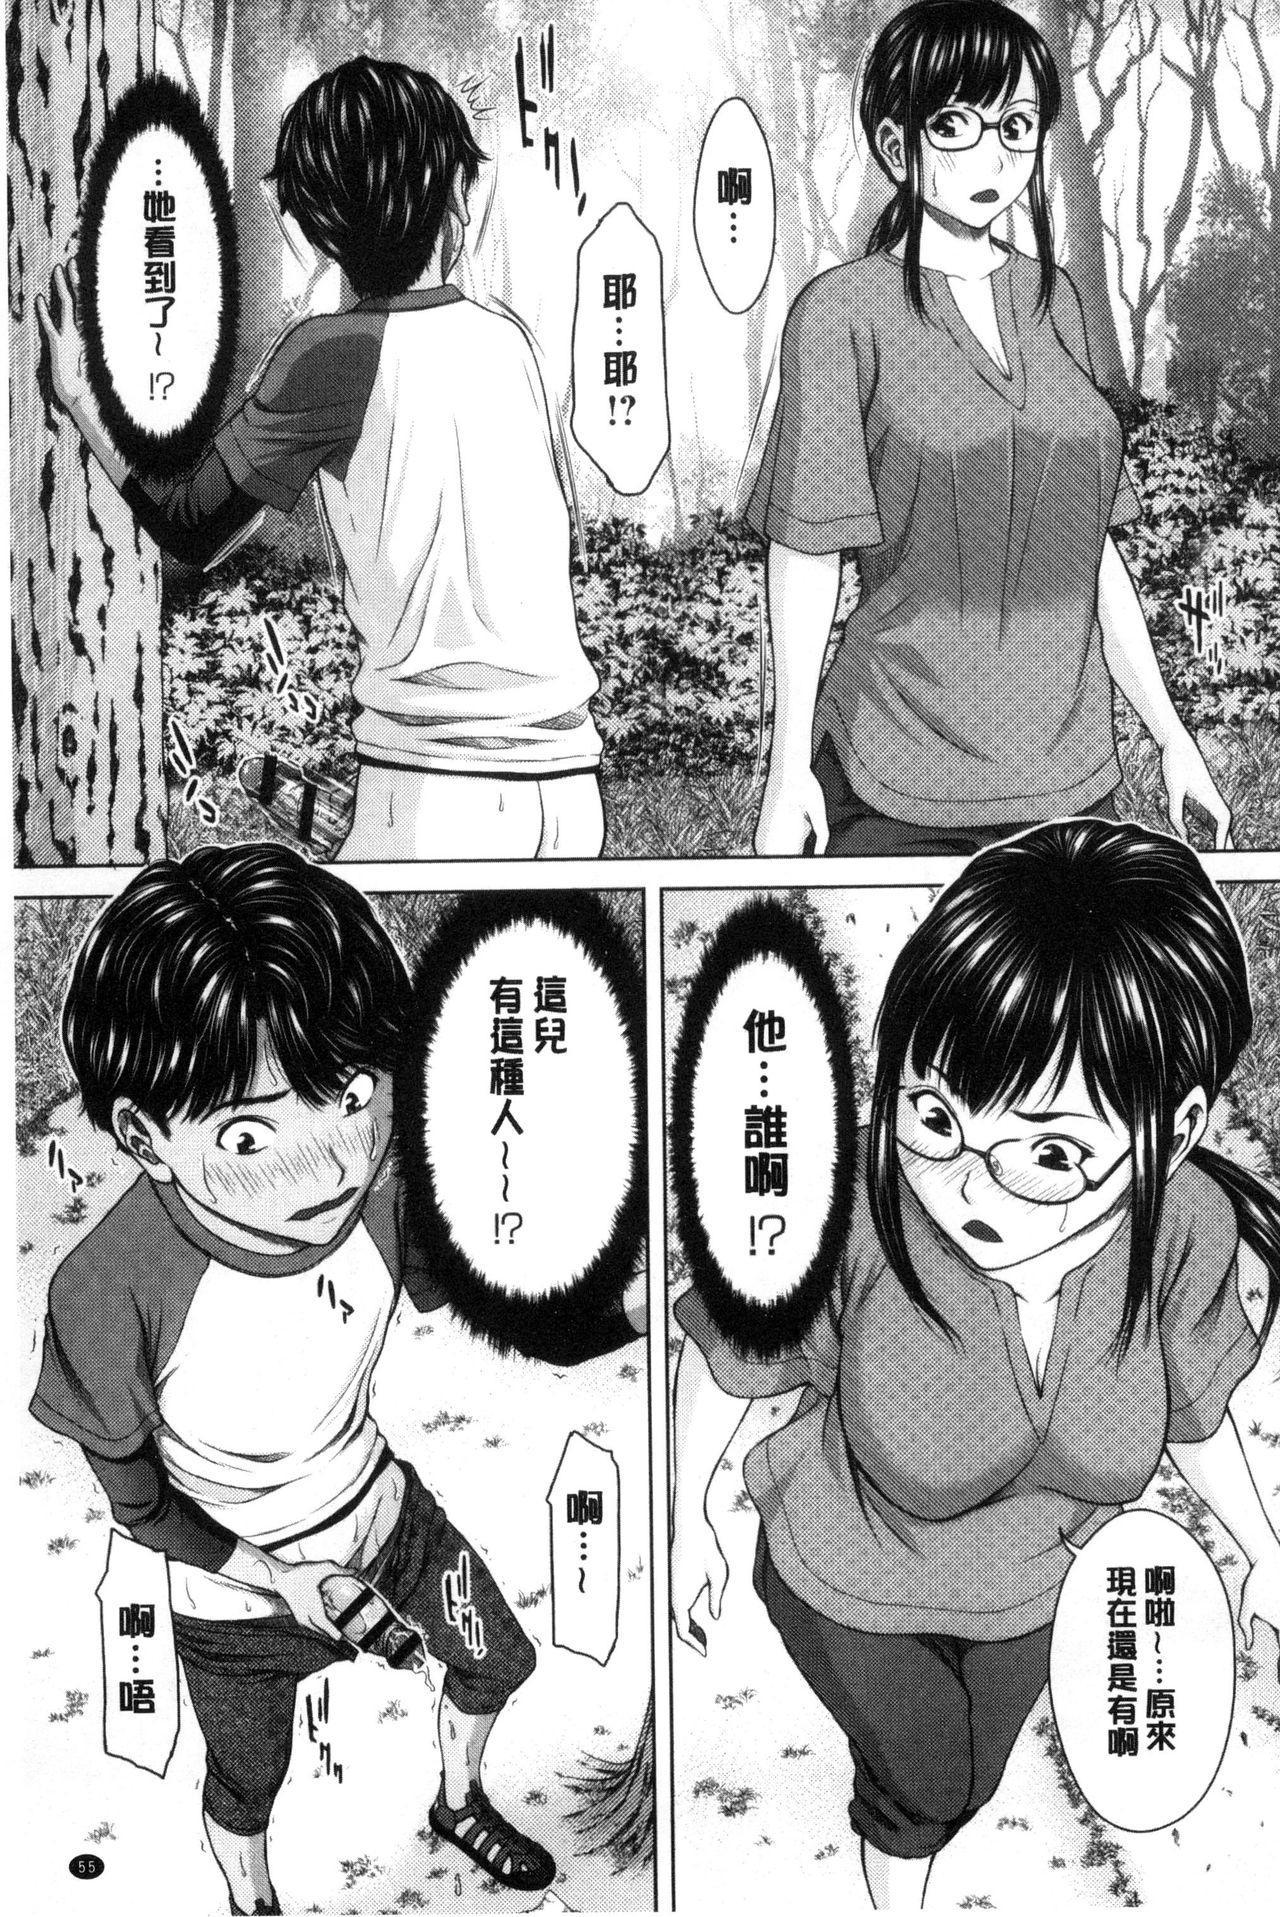 Mesukano Inbina Mesu Kanojotachi To No Hibi 55